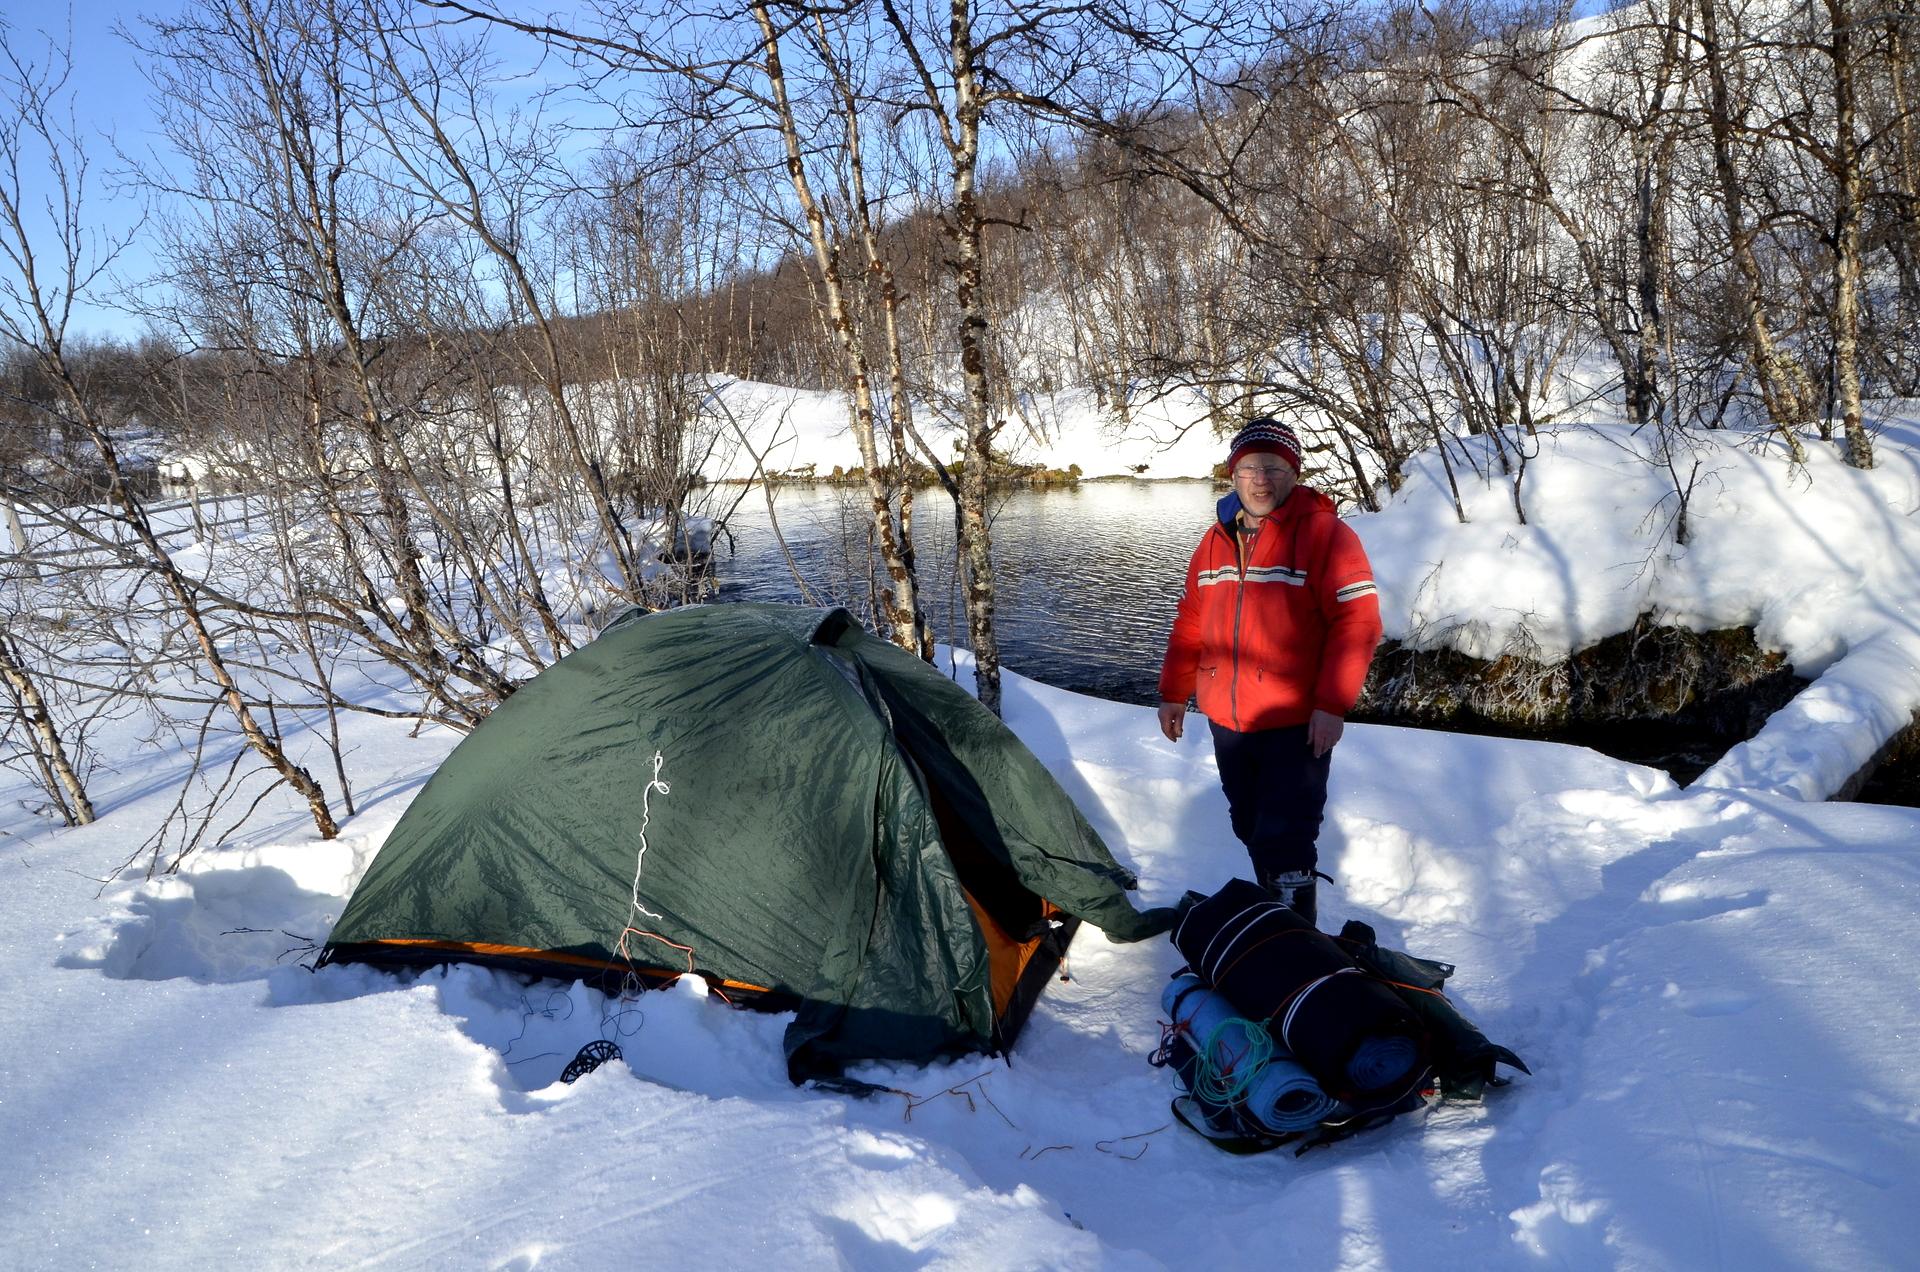 Reino Väisänen on varsinainen retkeilijä ja harrastaa talvitelttailua. Hän yöpyi Sulaojan kosken kohinan äärellä samaisen yön, kun olin Rauskajärven kämpällä.